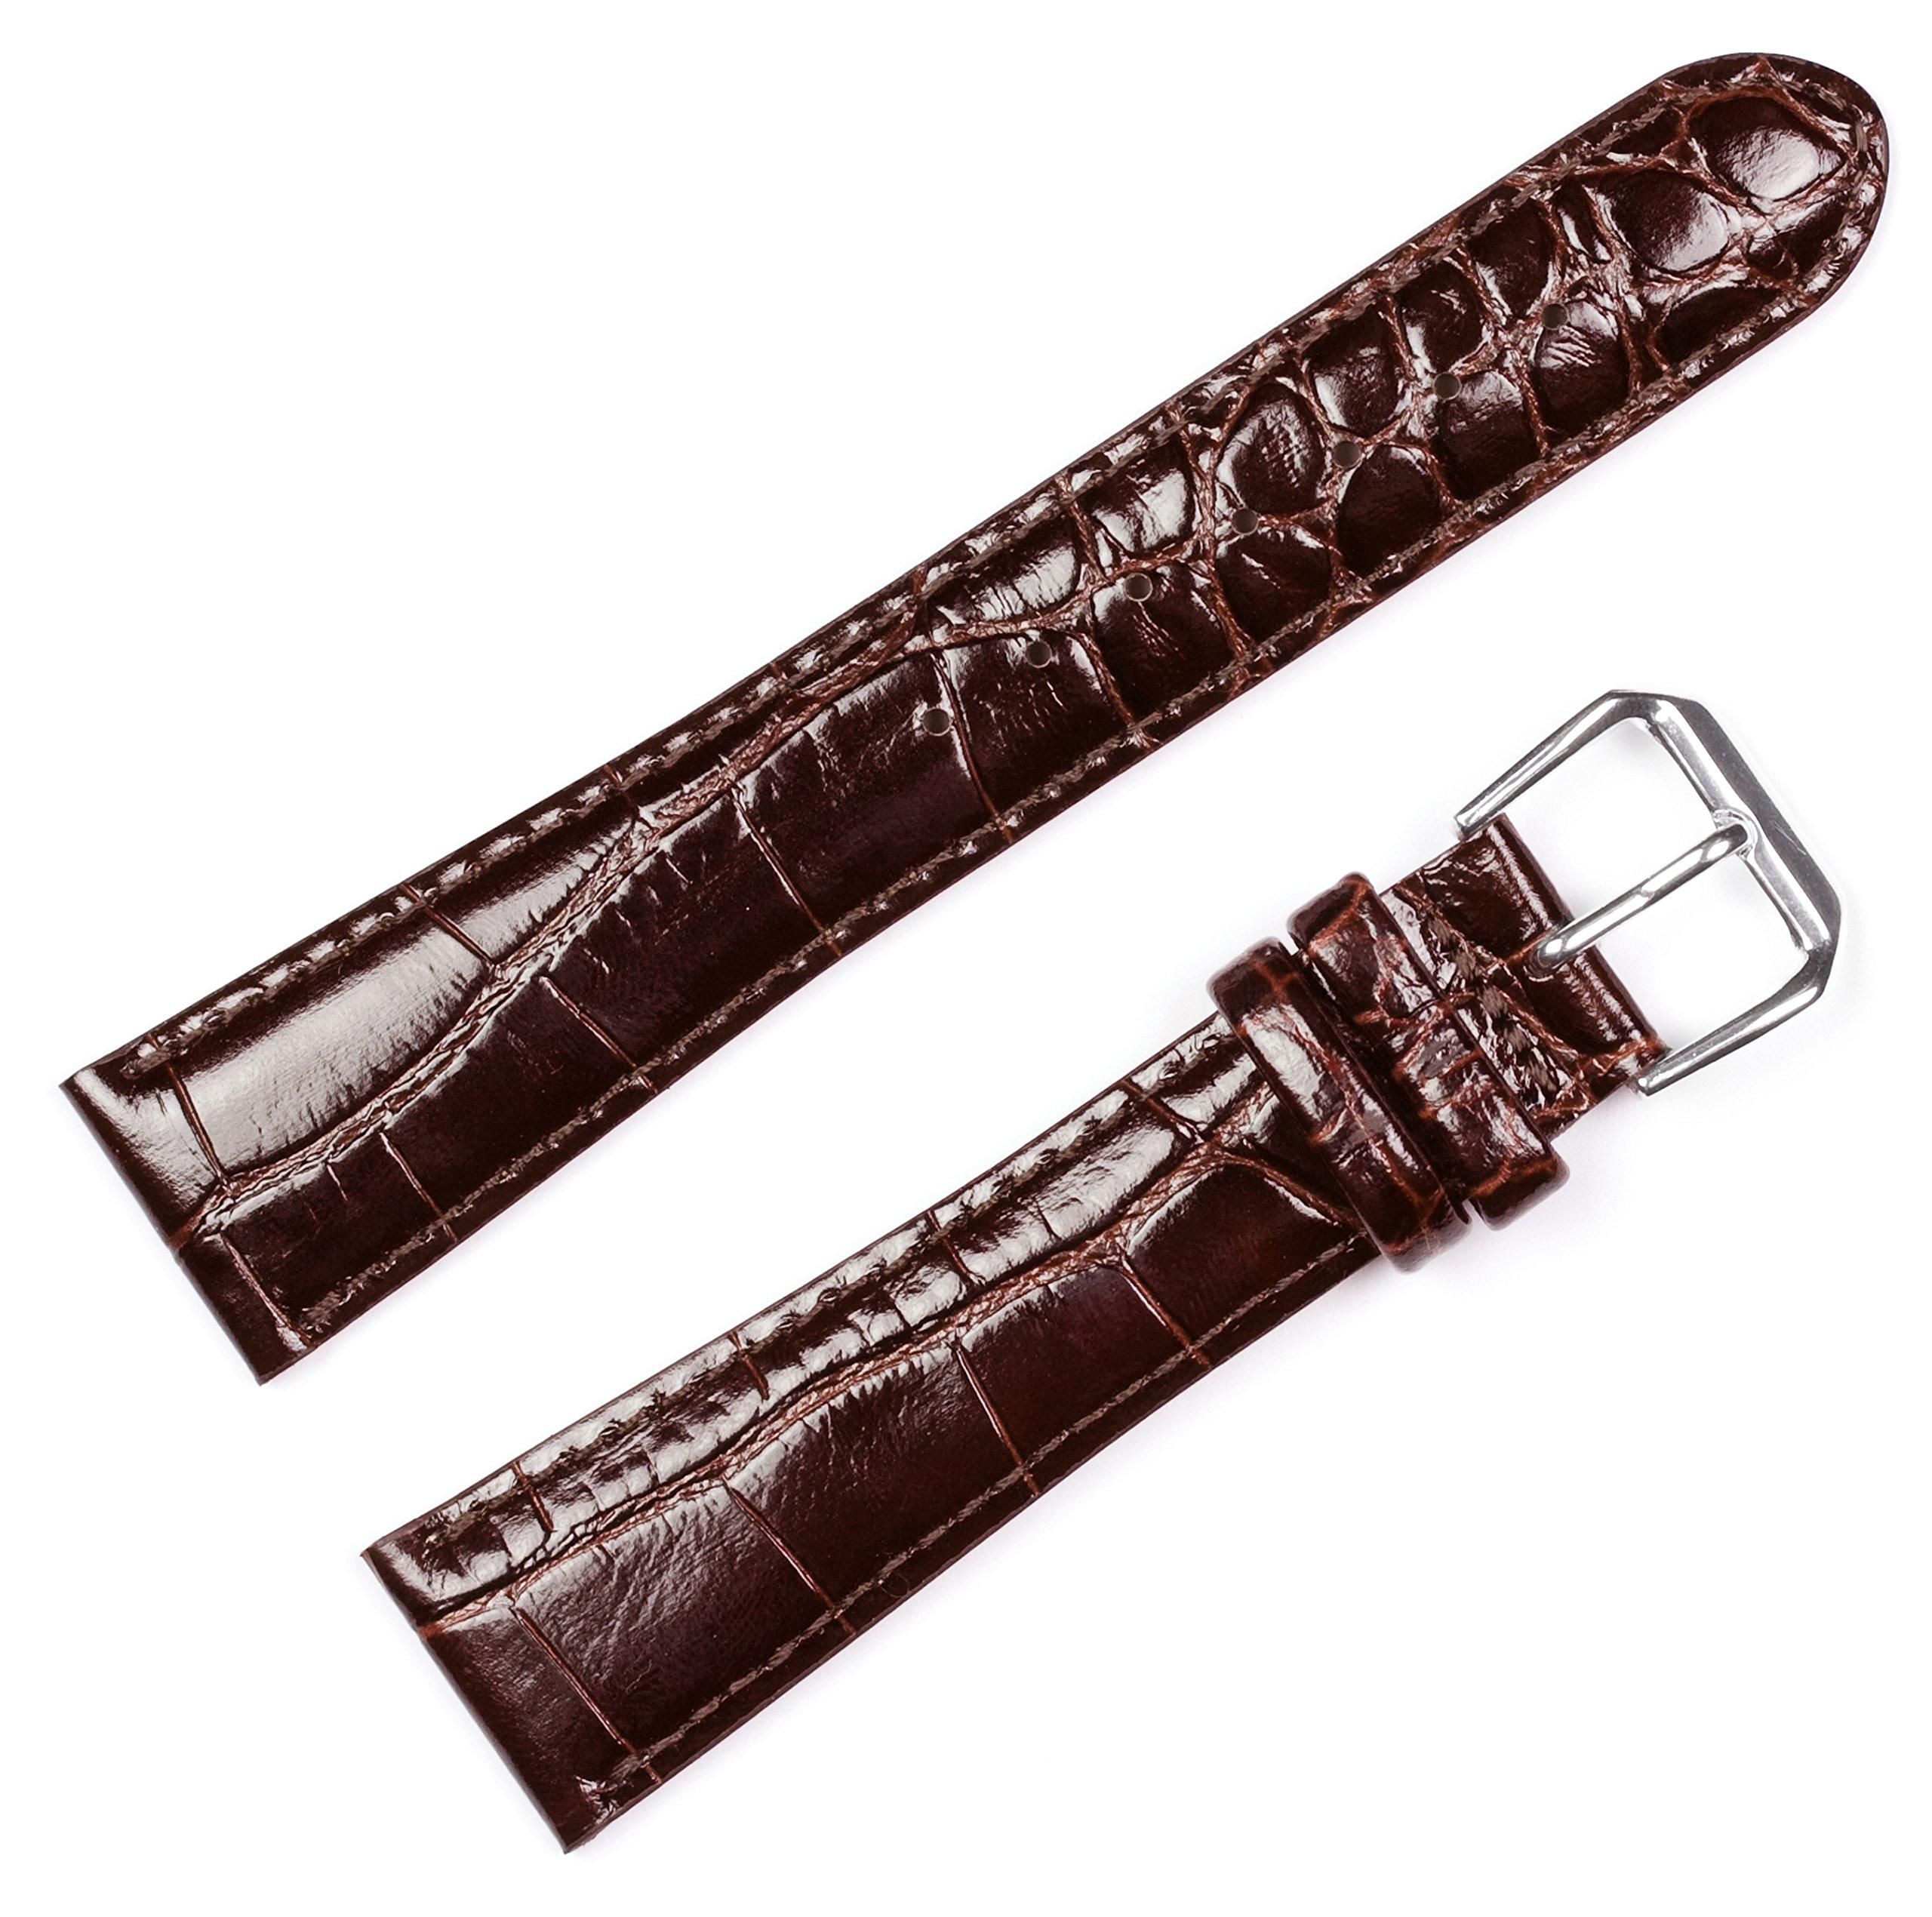 Crocodile Grain Watchband - Brown 20MM by deBeer Watch Bands (Image #1)